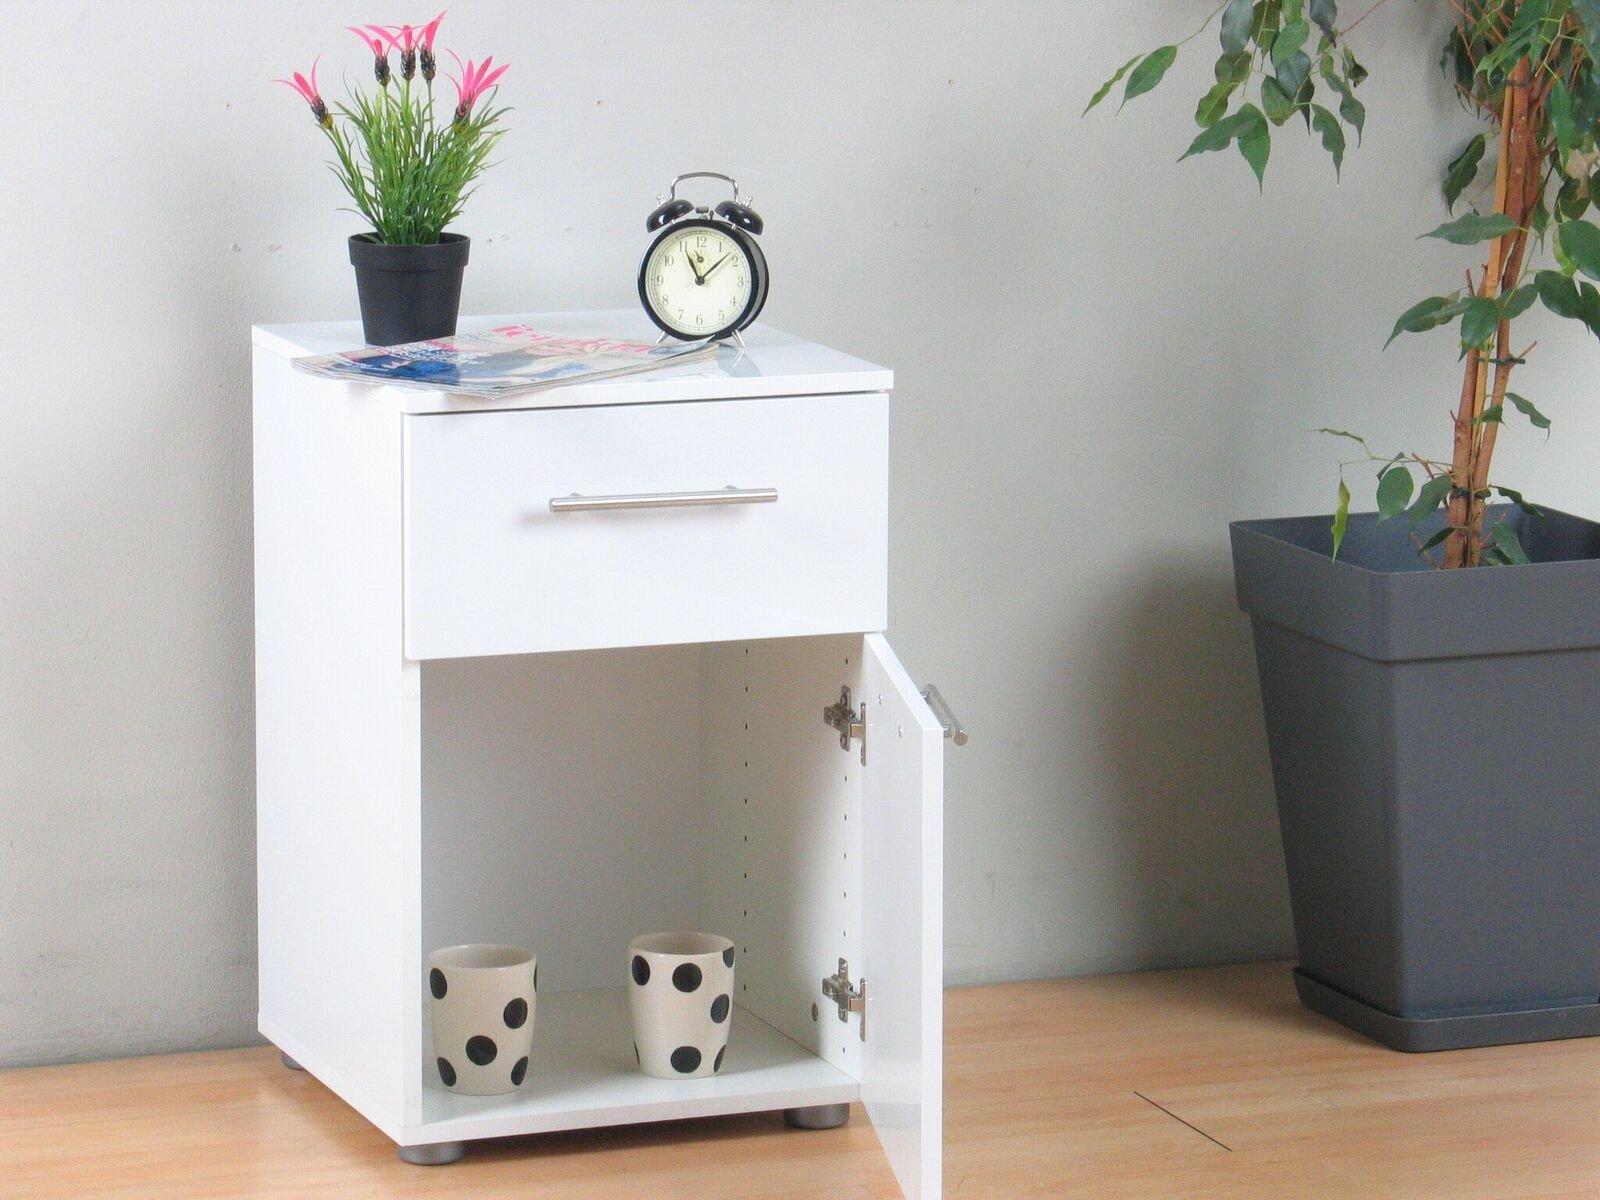 nachttisch infiniti wei hochglanz nachtschrank nachtkonsole beistelltisch ebay. Black Bedroom Furniture Sets. Home Design Ideas